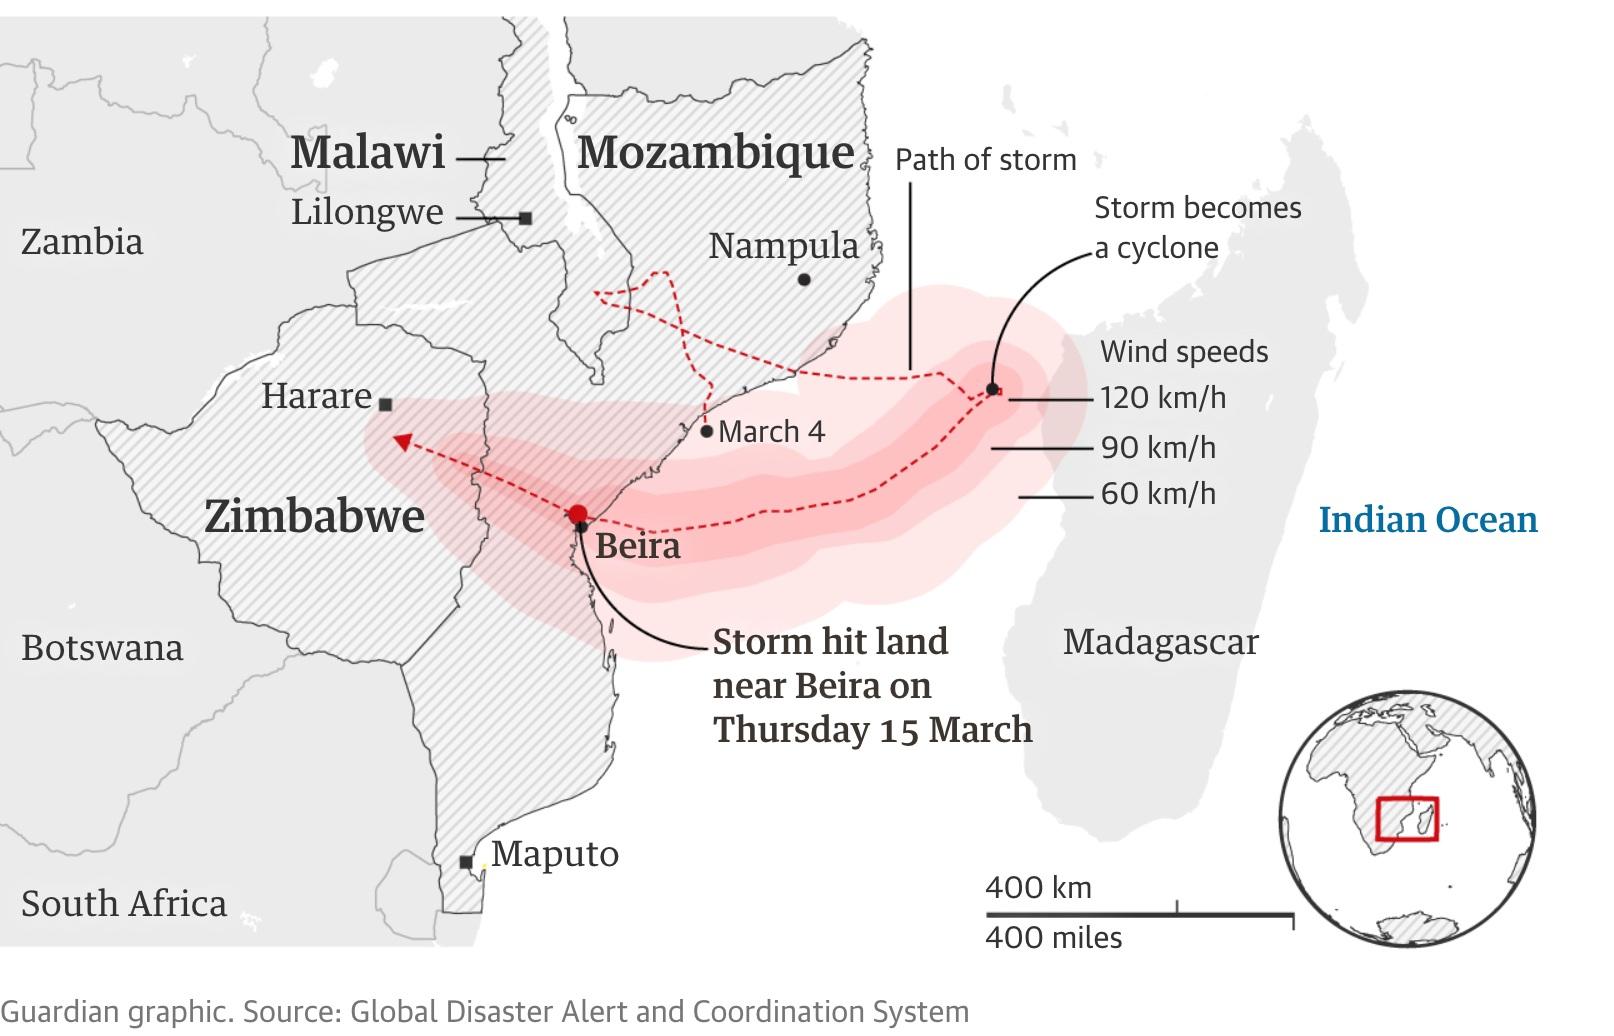 Cyclone+Idai+Graphic.jpg